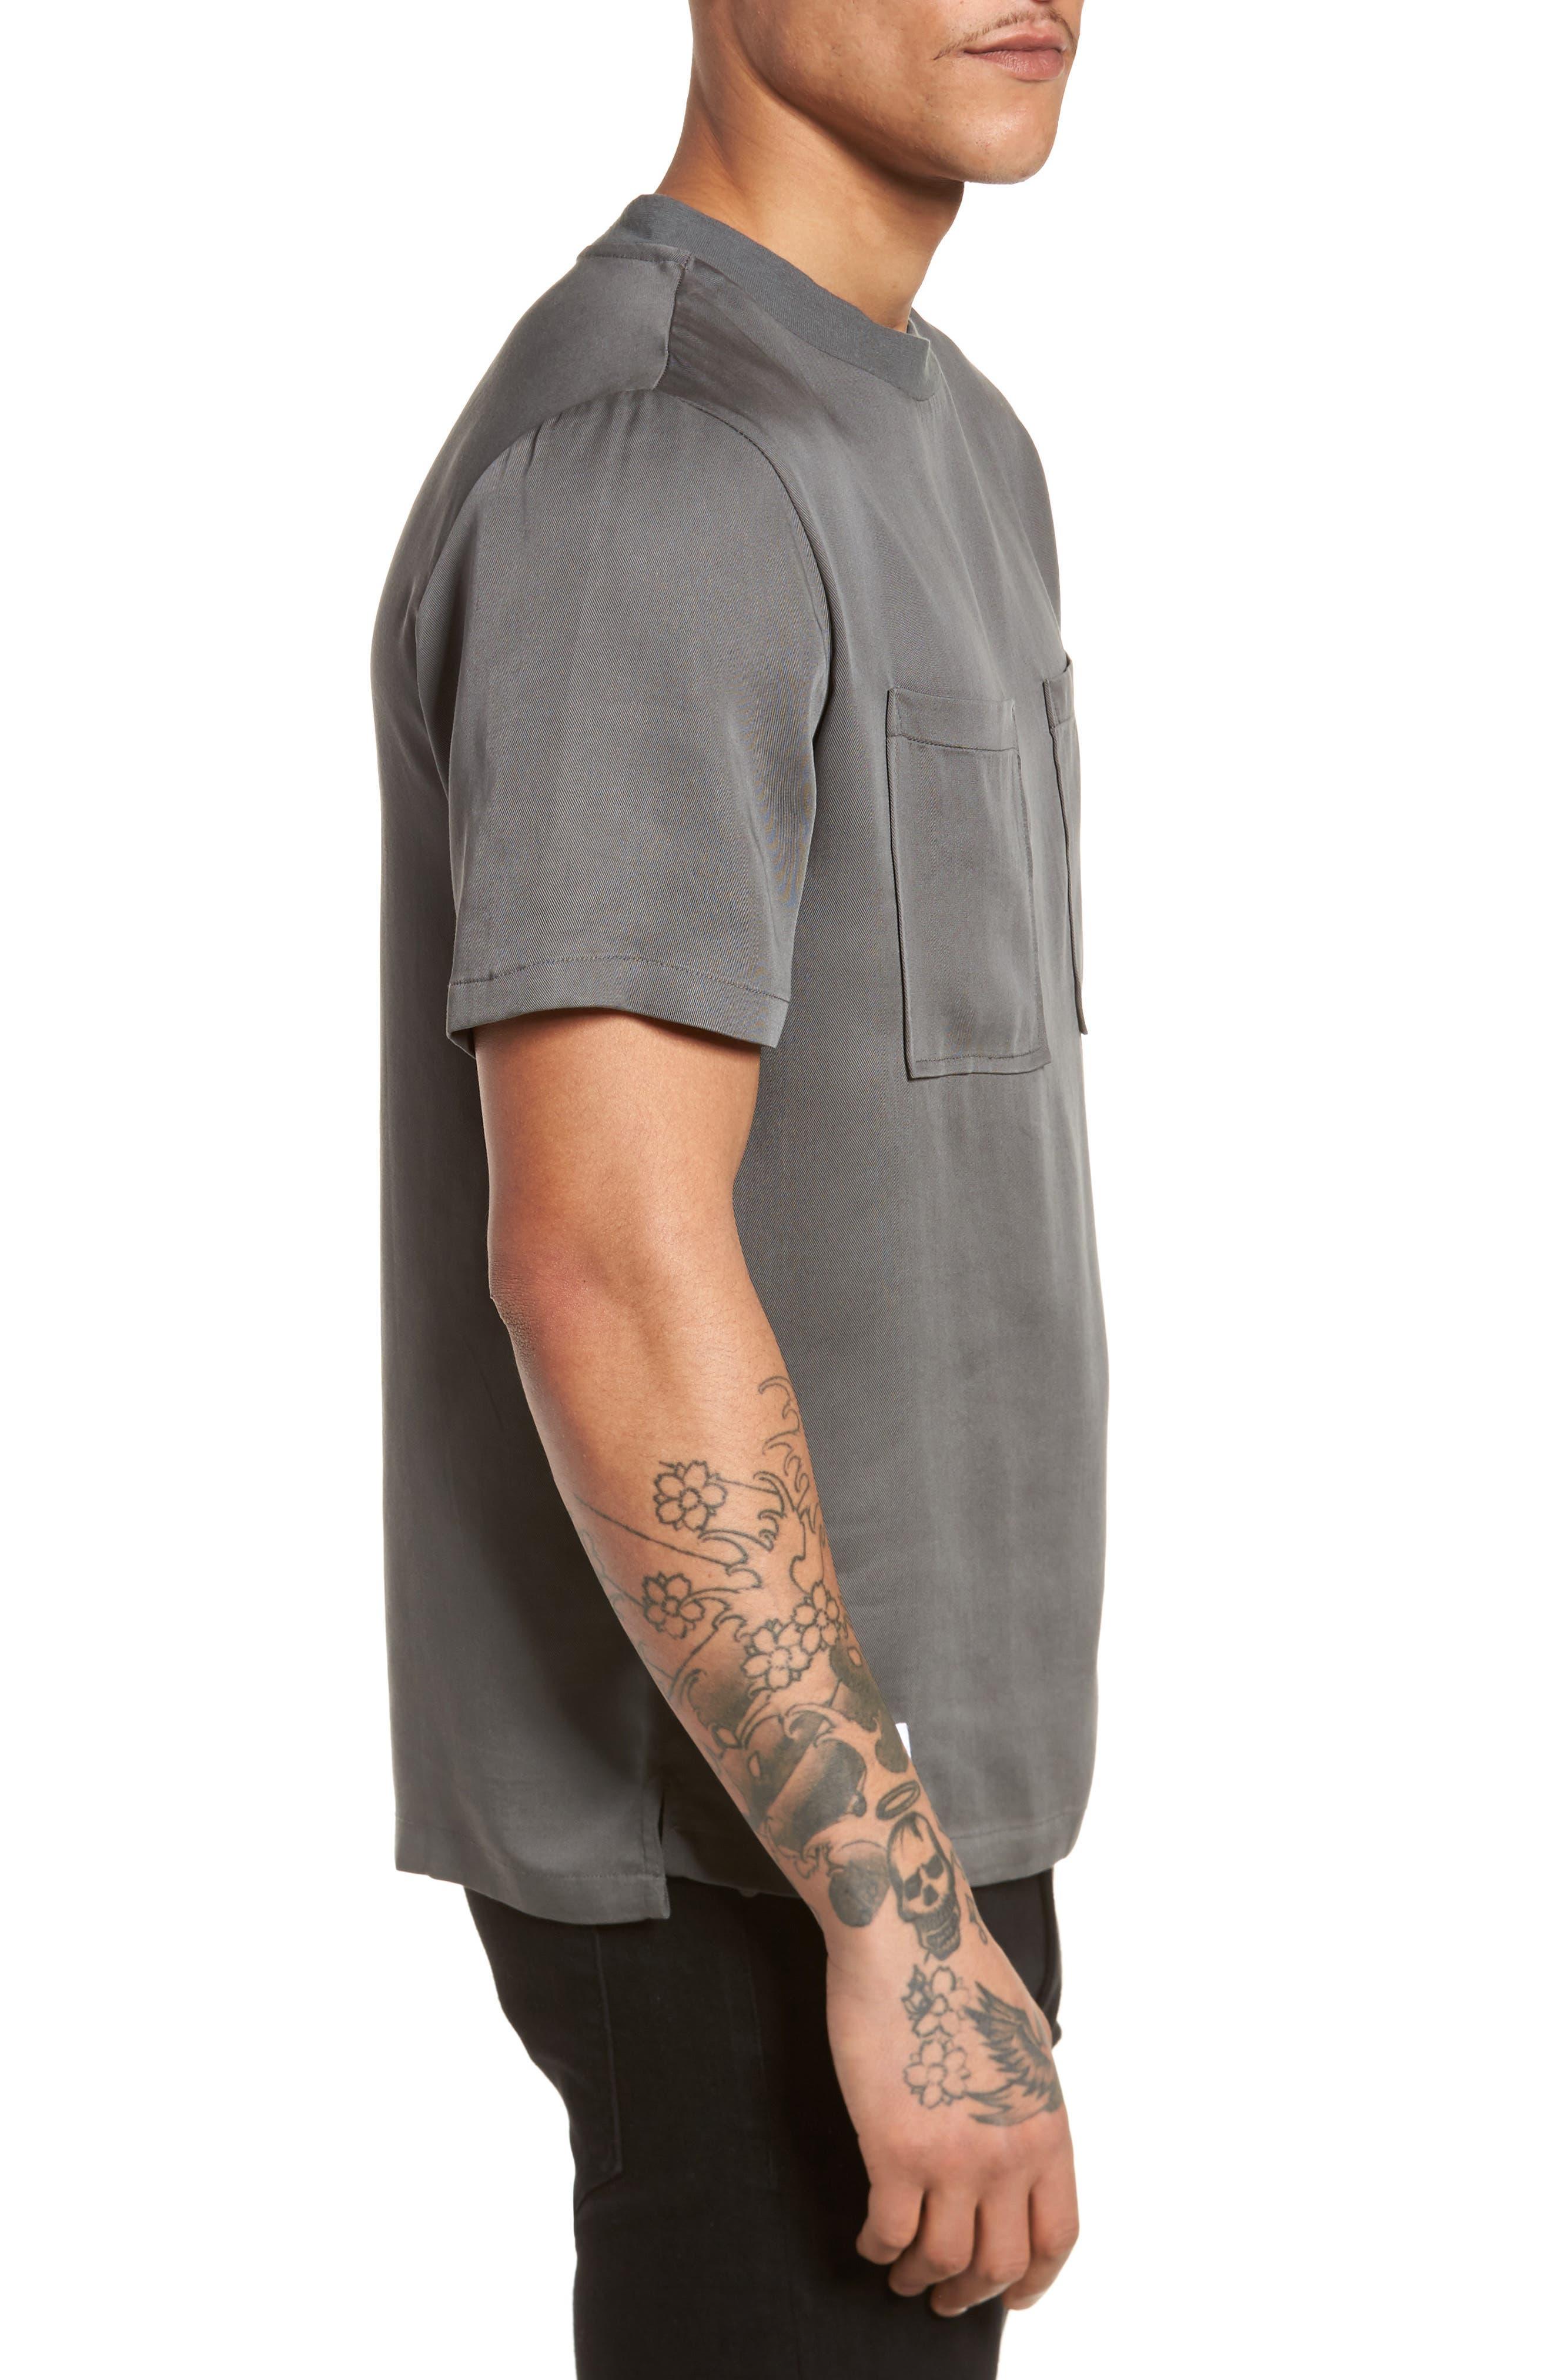 Denali Woven T-Shirt,                             Alternate thumbnail 3, color,                             020